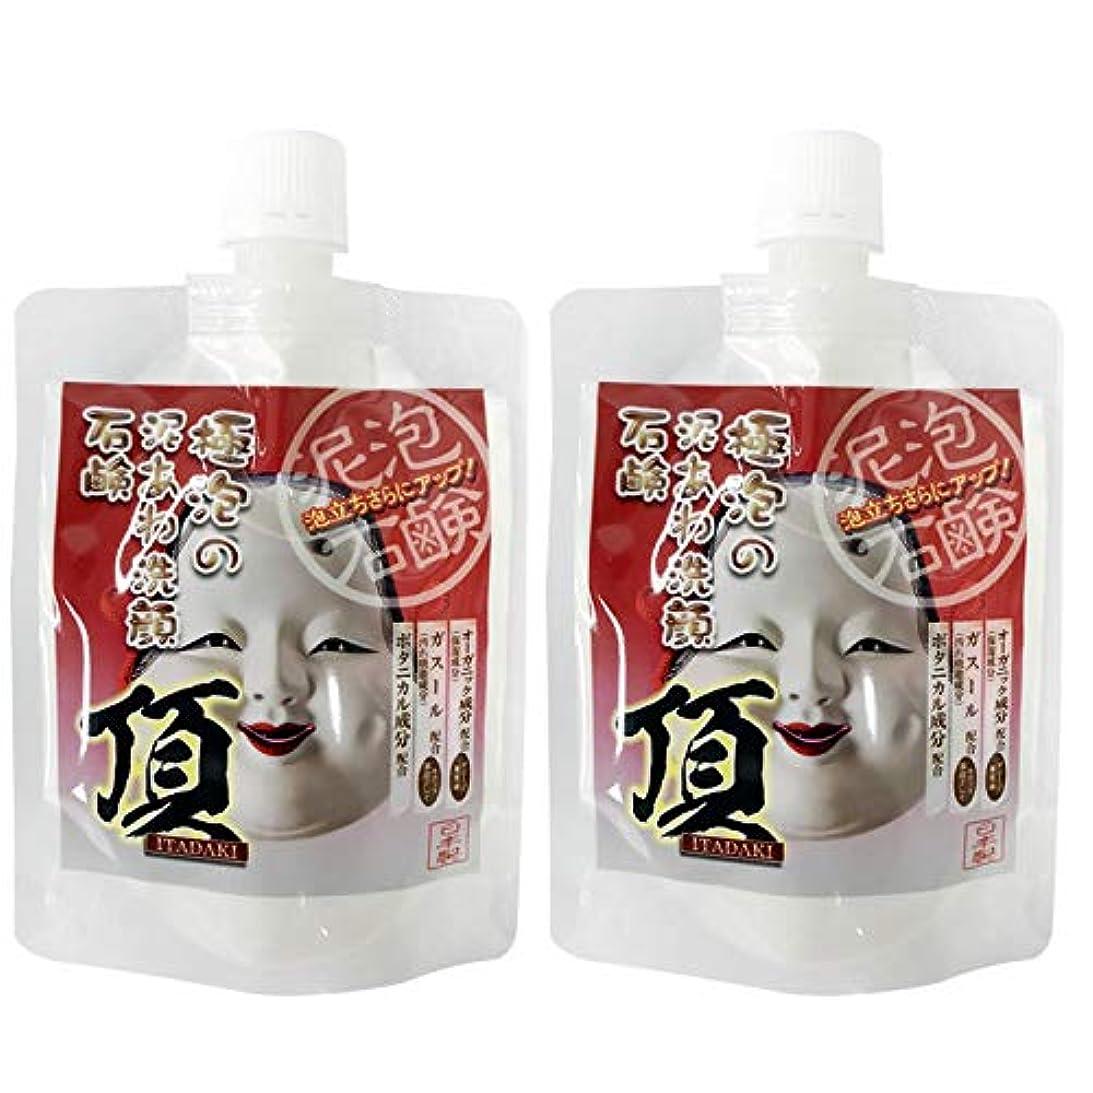 タックル酸度委任極泡の泥あわ洗顔石鹸 頂 130g×2 ガスール 豆乳 ボタニカル 酒粕 エキス配合